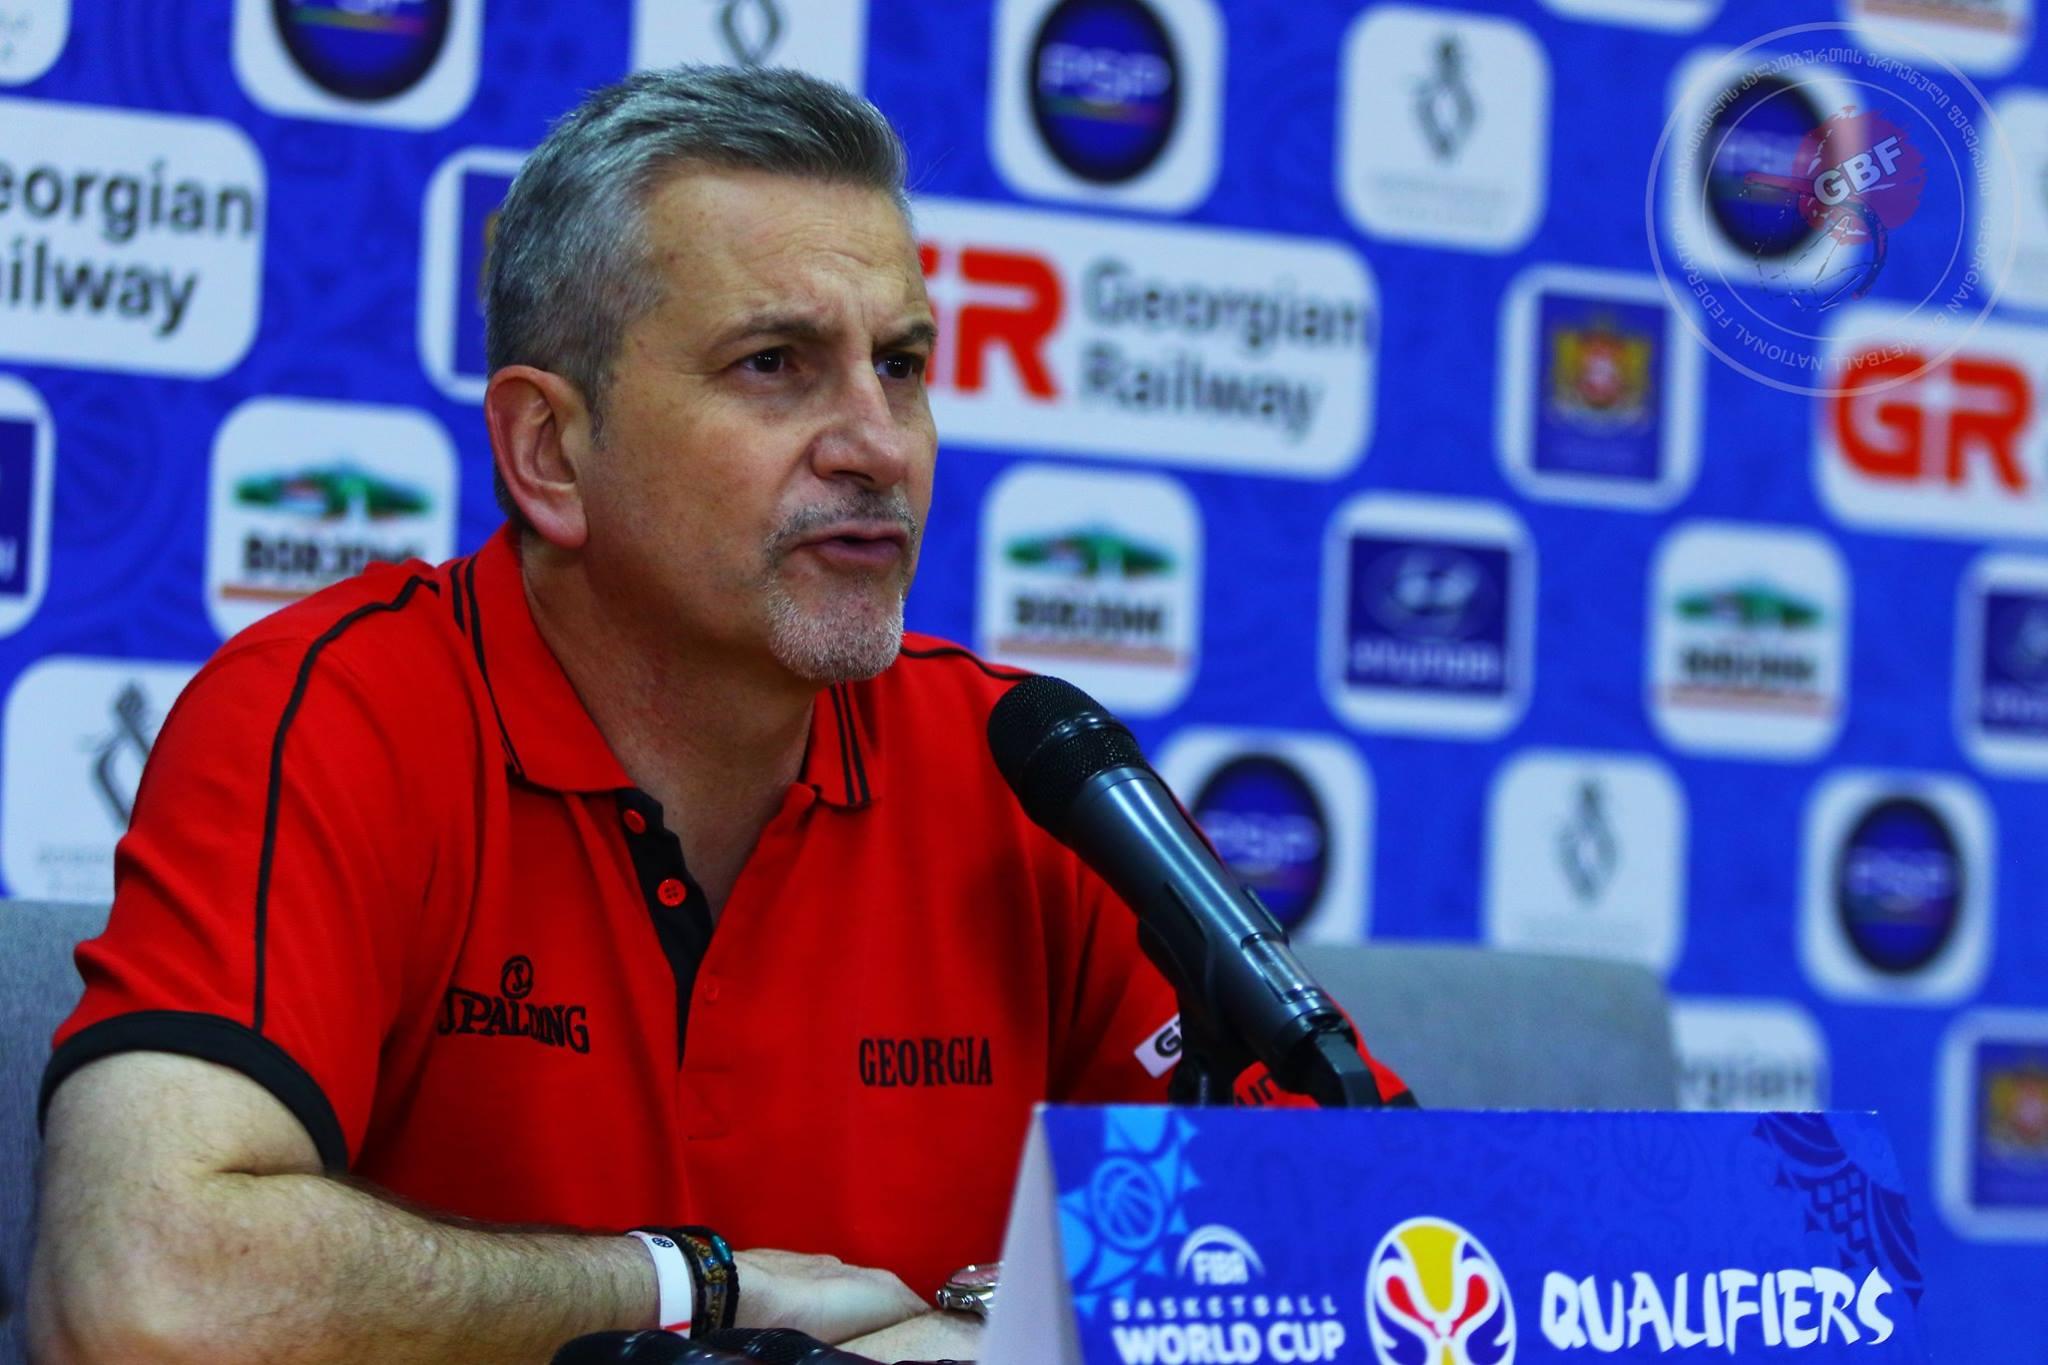 Ilias Zouros: Georgia should have a fairly competitive team on Eurobasket